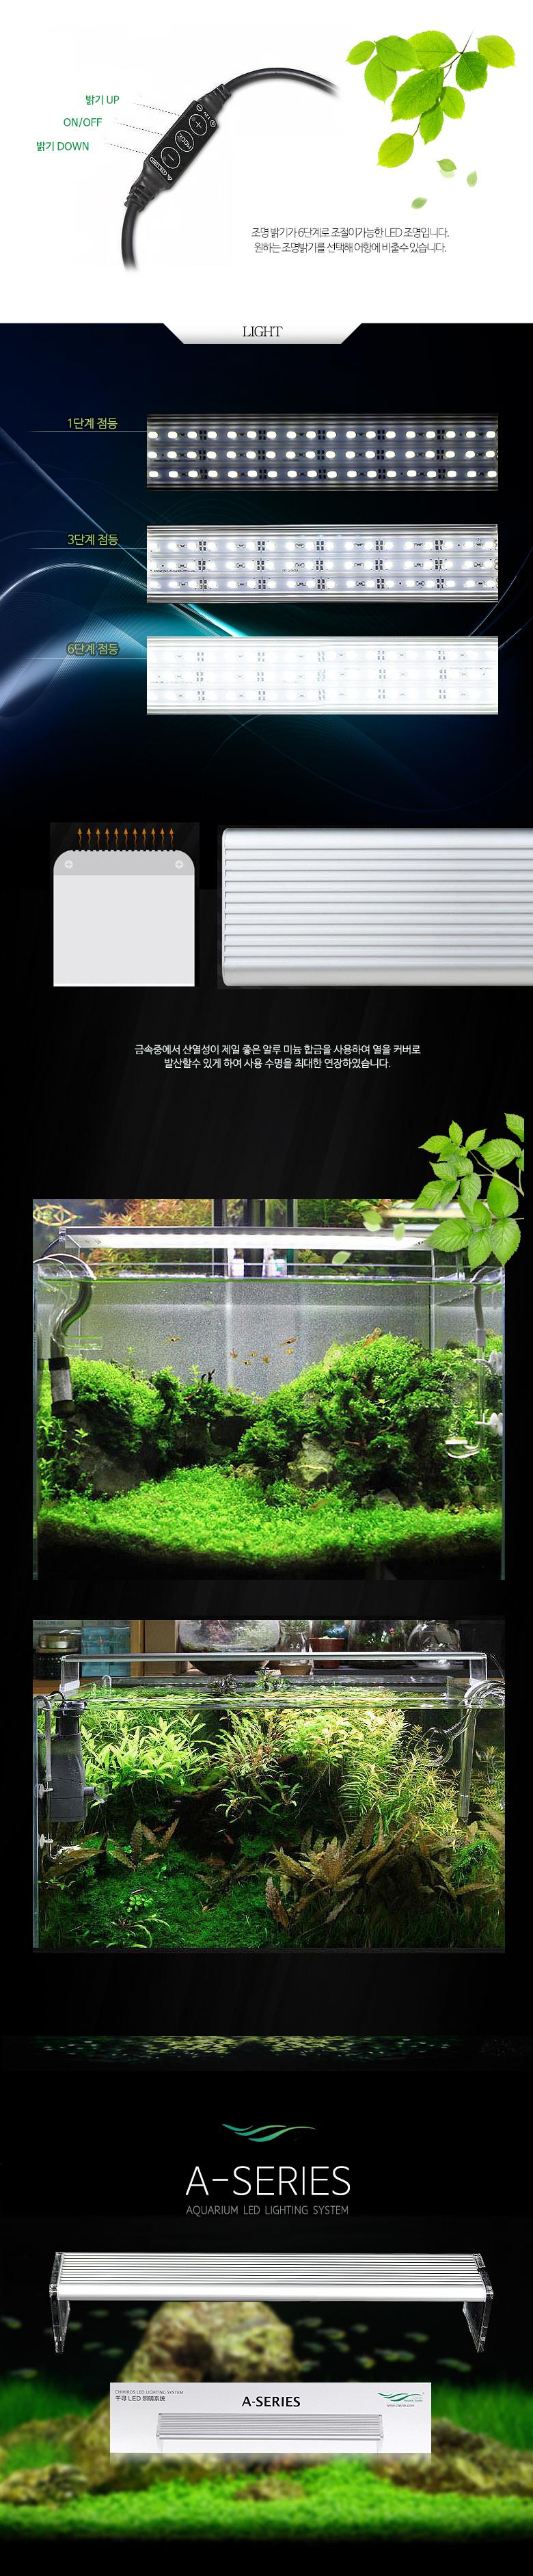 A-SERIES 고광도 LED조명 600 (A-601) - 미미네아쿠아, 90,000원, 부속품, 조명